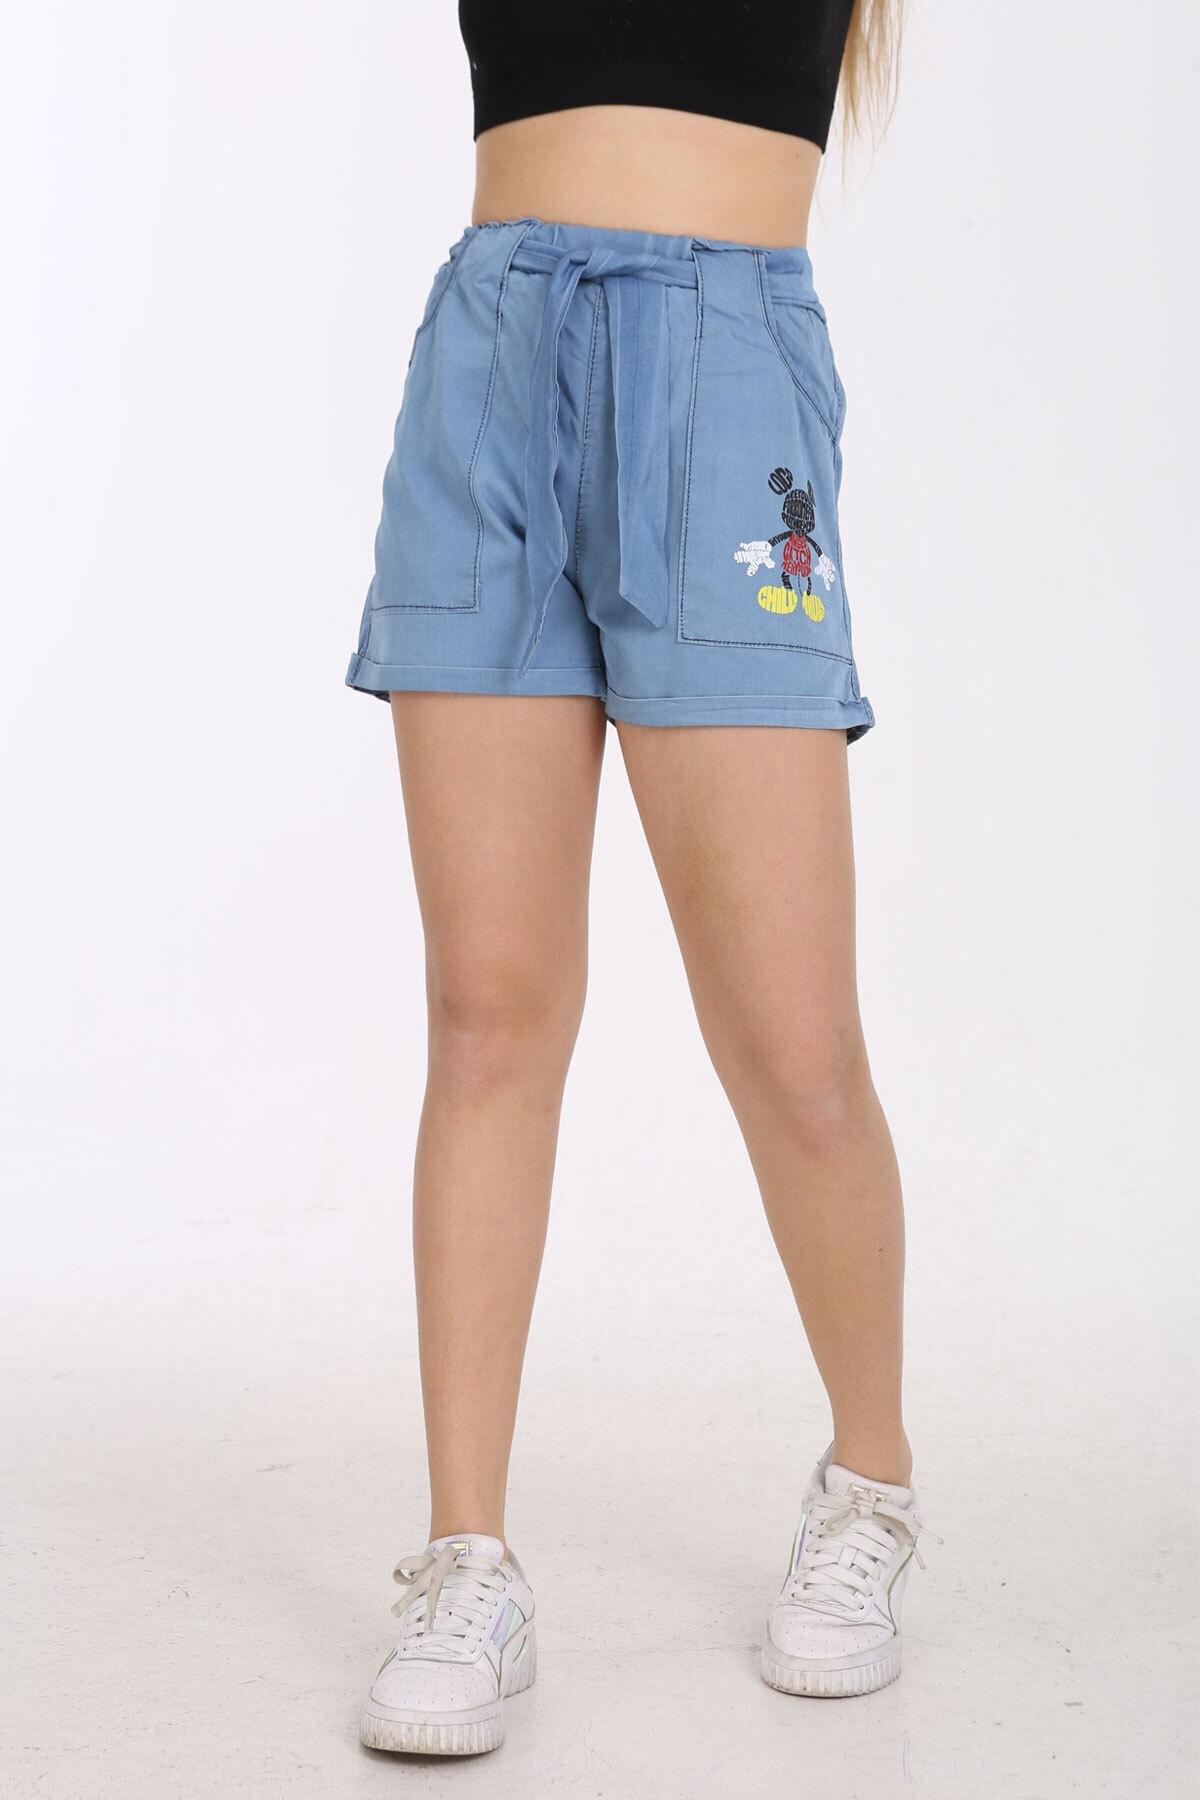 شورتک دخترانه با قیمت برند Enisena رنگ آبی کد ty120395562